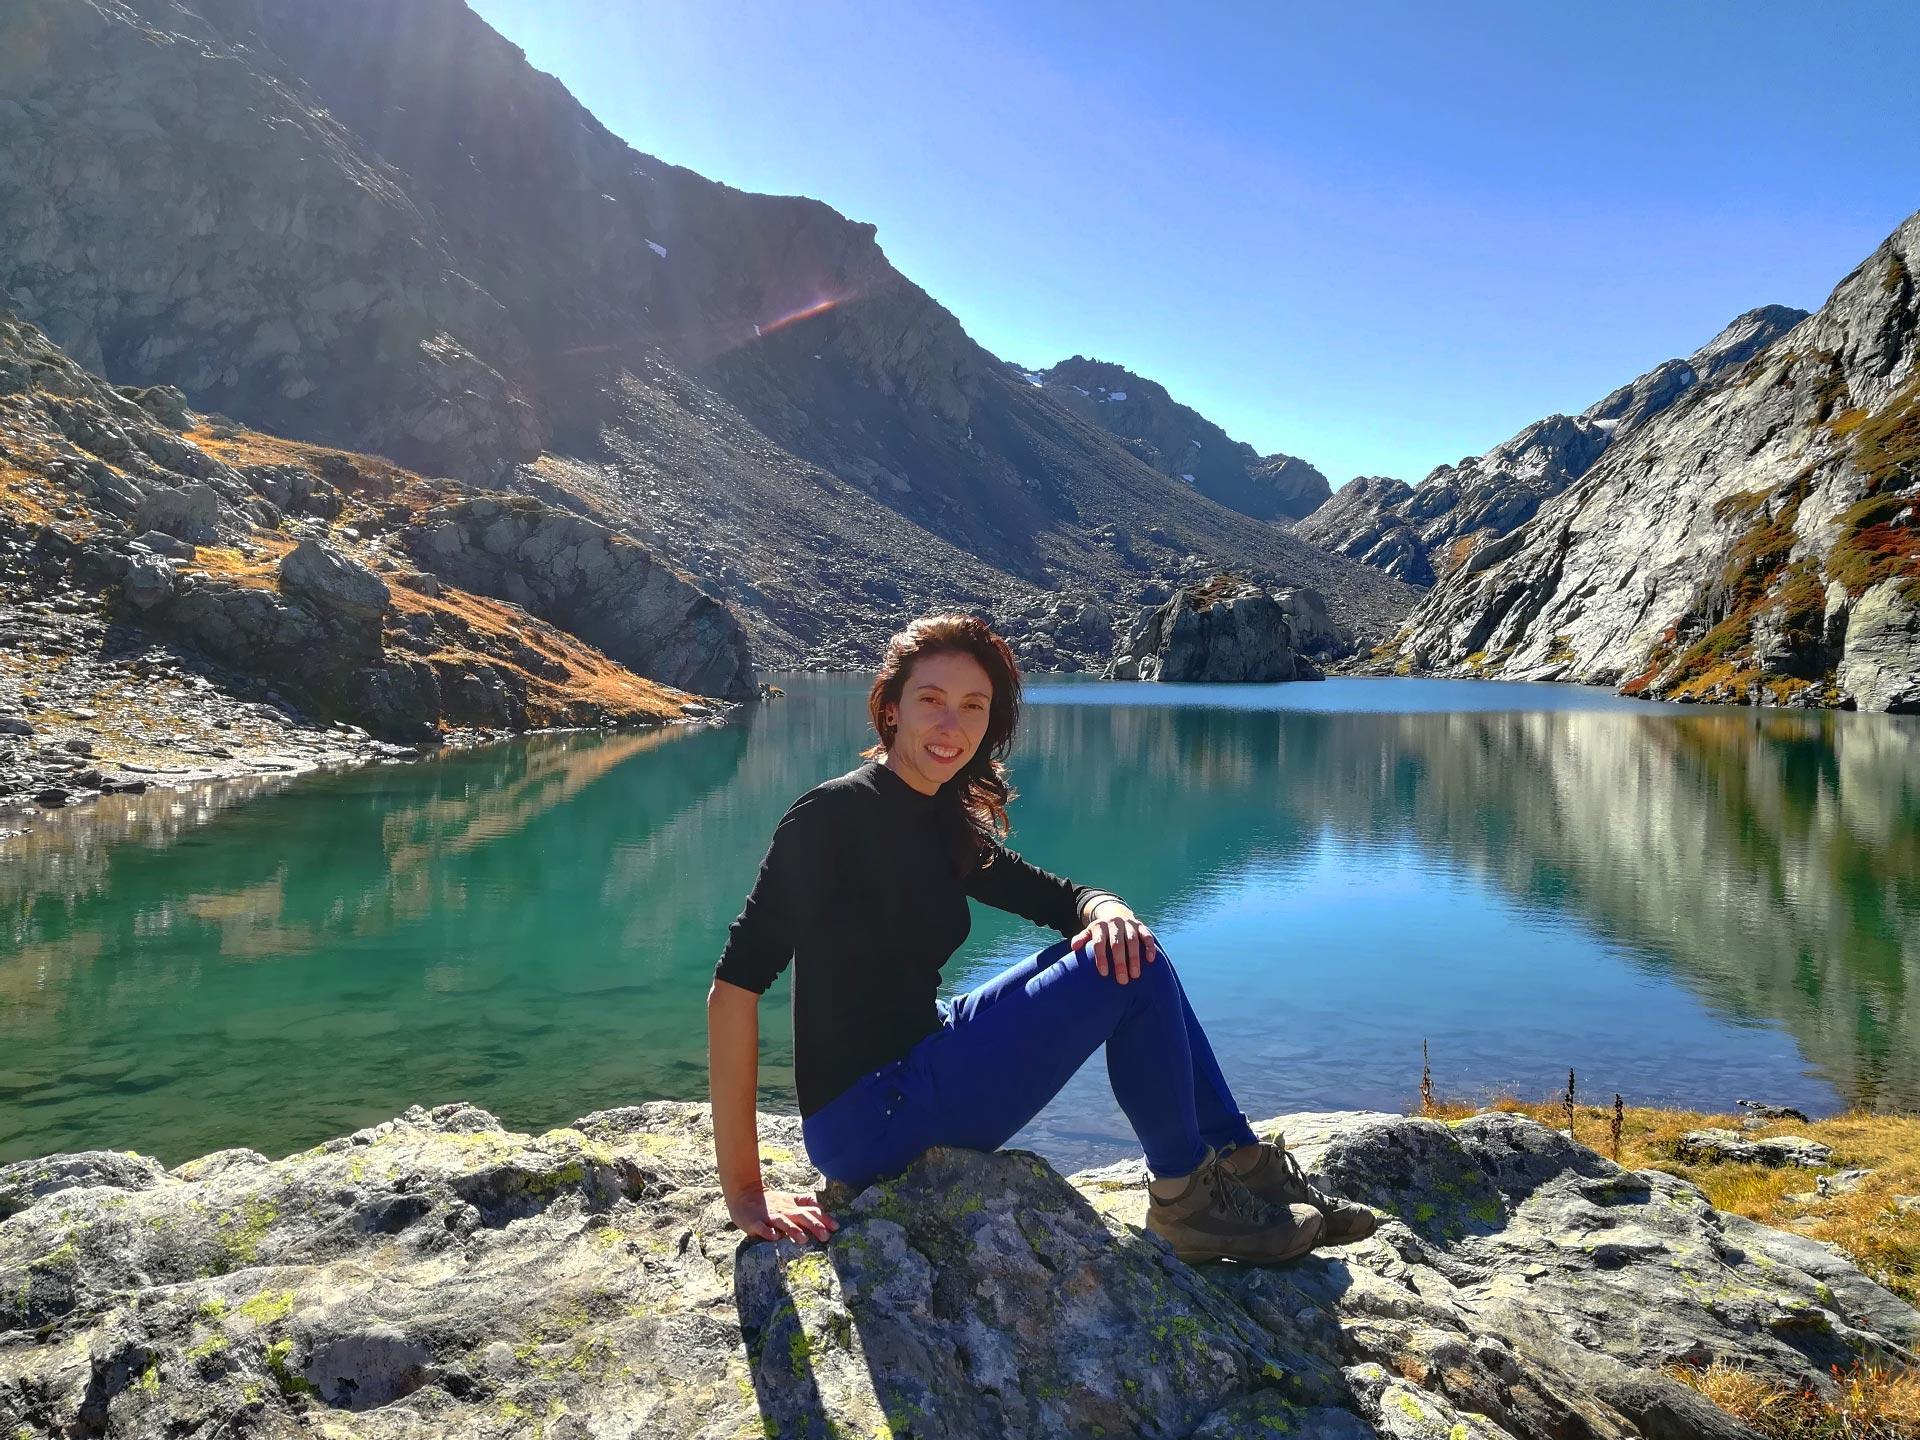 veduta del lago di Belle Combe e delle montagne circostanti